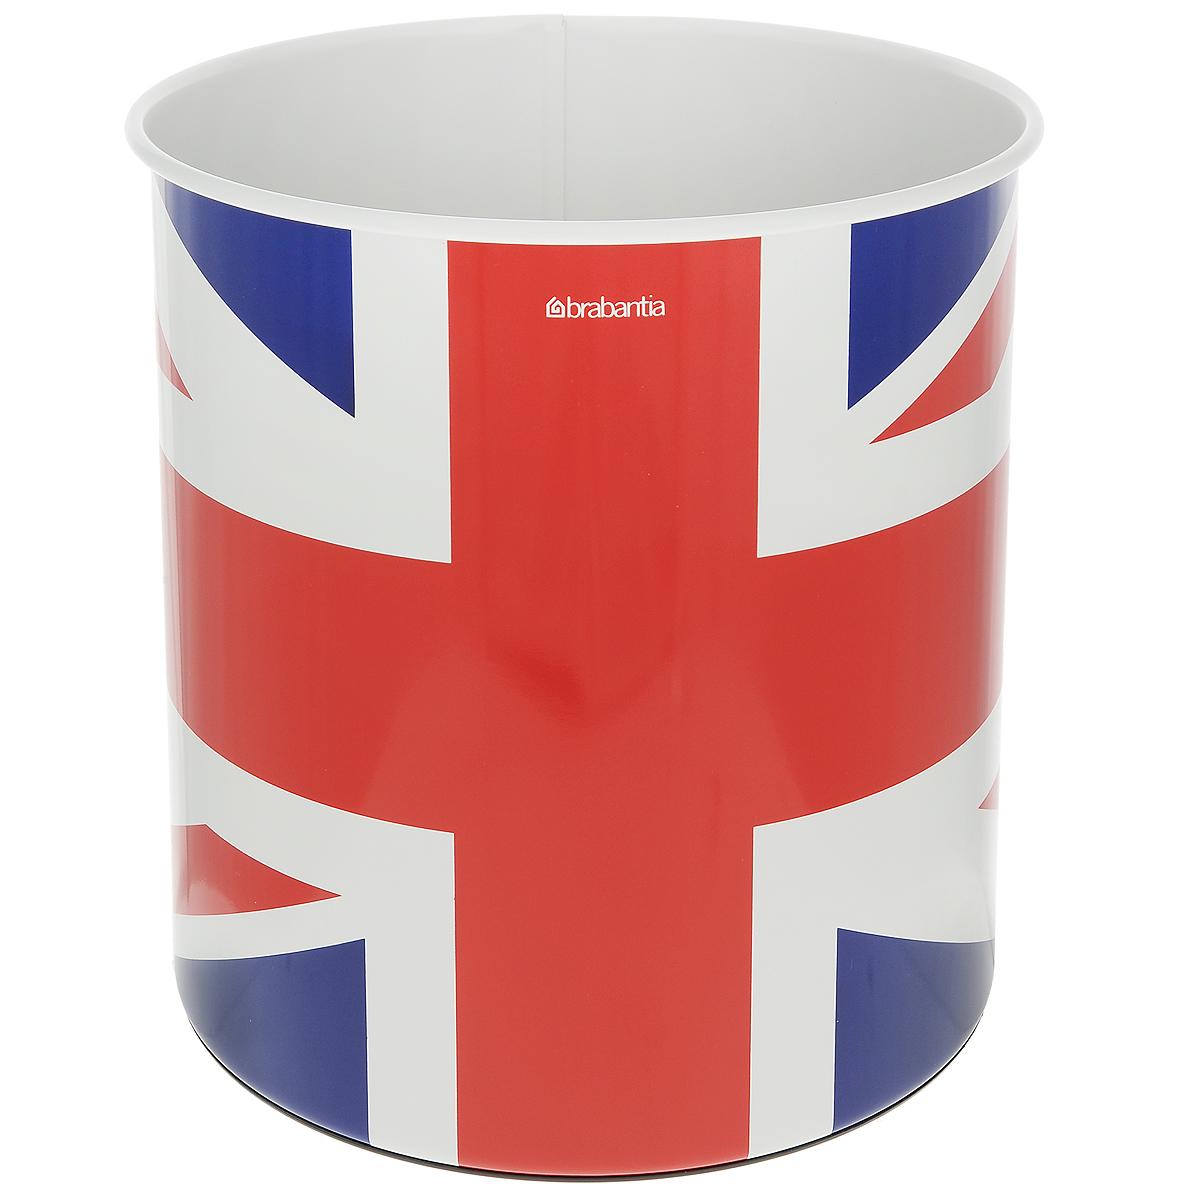 Корзина для бумаг Brabantia, 7 л. 479786479786Корзина для бумаг Brabantia изготовлена из нержавеющей стали, что обеспечивает долгий срок службы изделия и легкую очистку. Корзина декорирована изображением британского флага. Пластиковое основание корзины предотвращает повреждение пола. Корзина для бумаг поможет вам держать мелкий мусор в порядке в гостиной, спальне, офисе, кабинете и комнате ребенка.